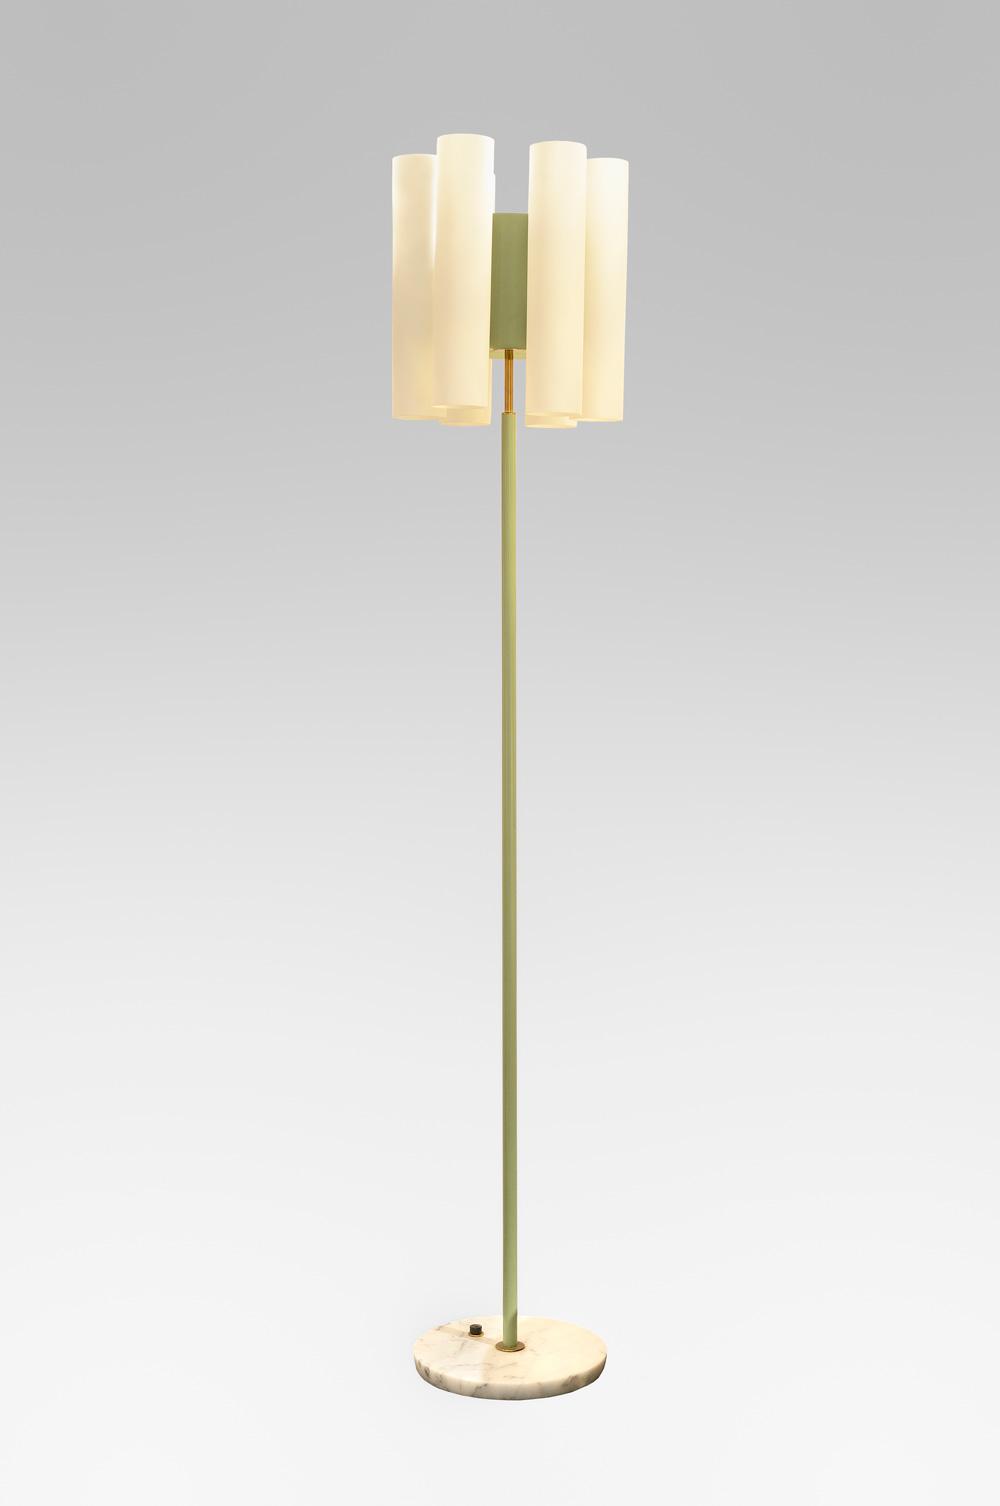 stilnovo lampadaire circa 1950 martel greiner